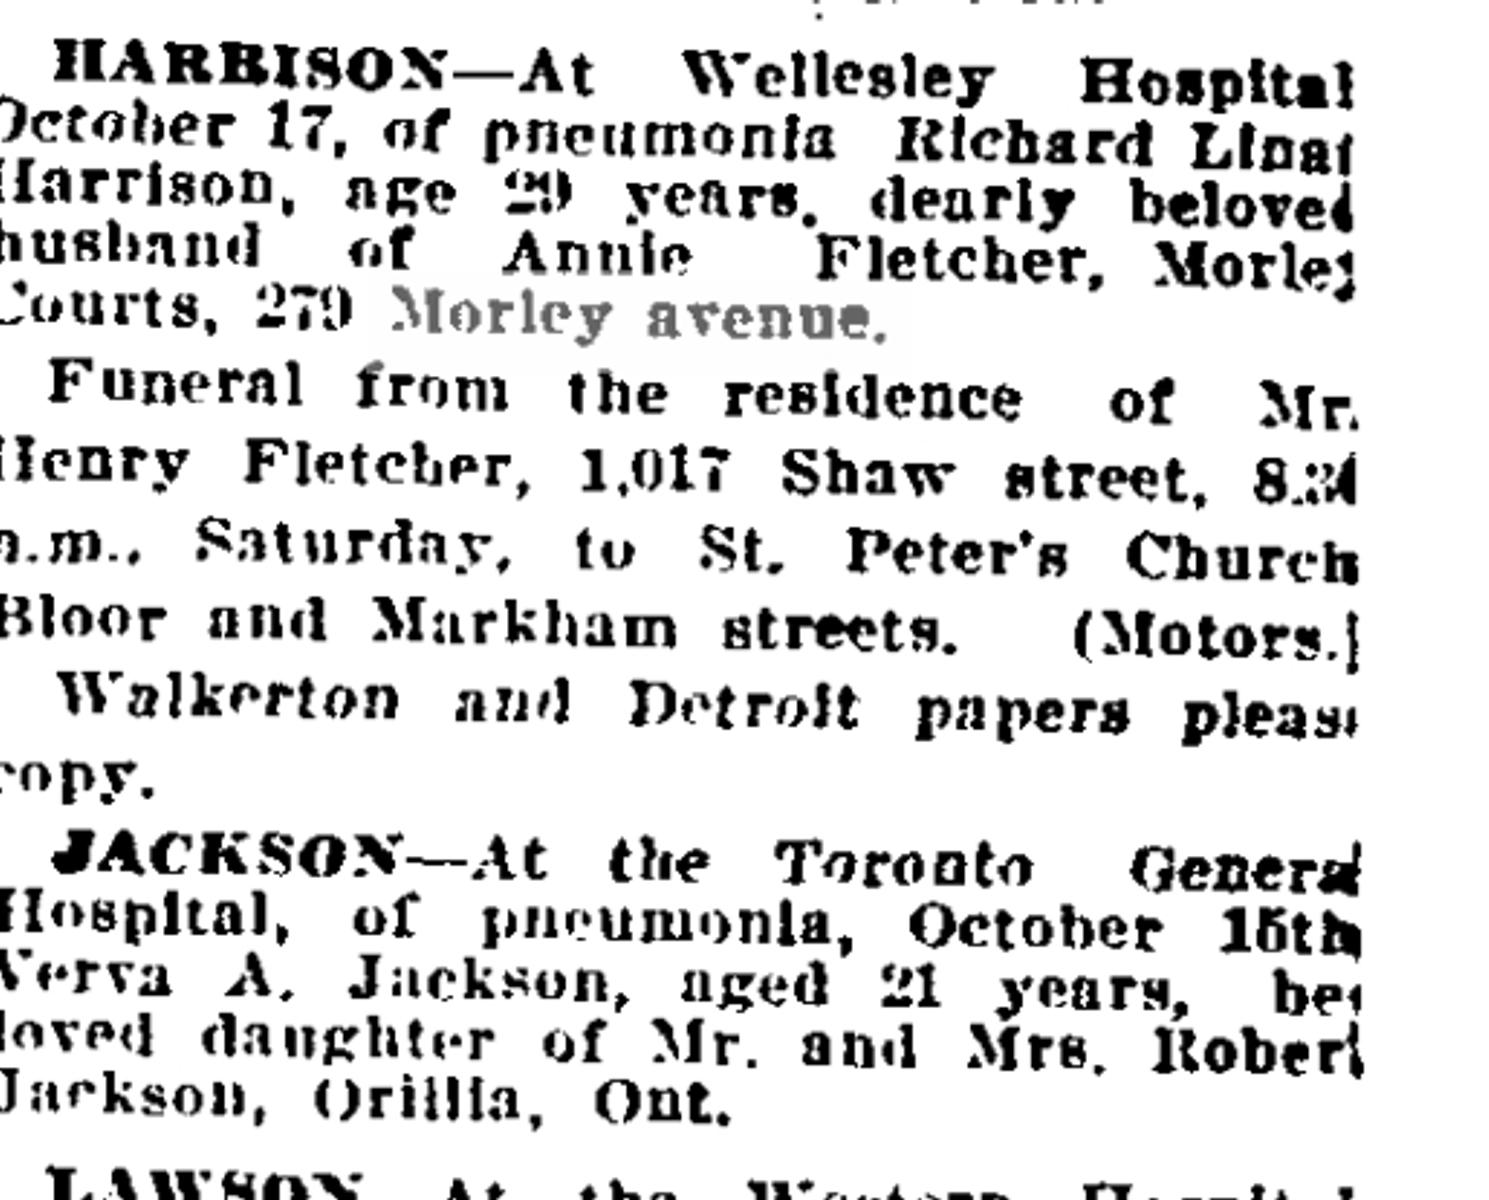 19181018GL Harrison pneumonia influenza